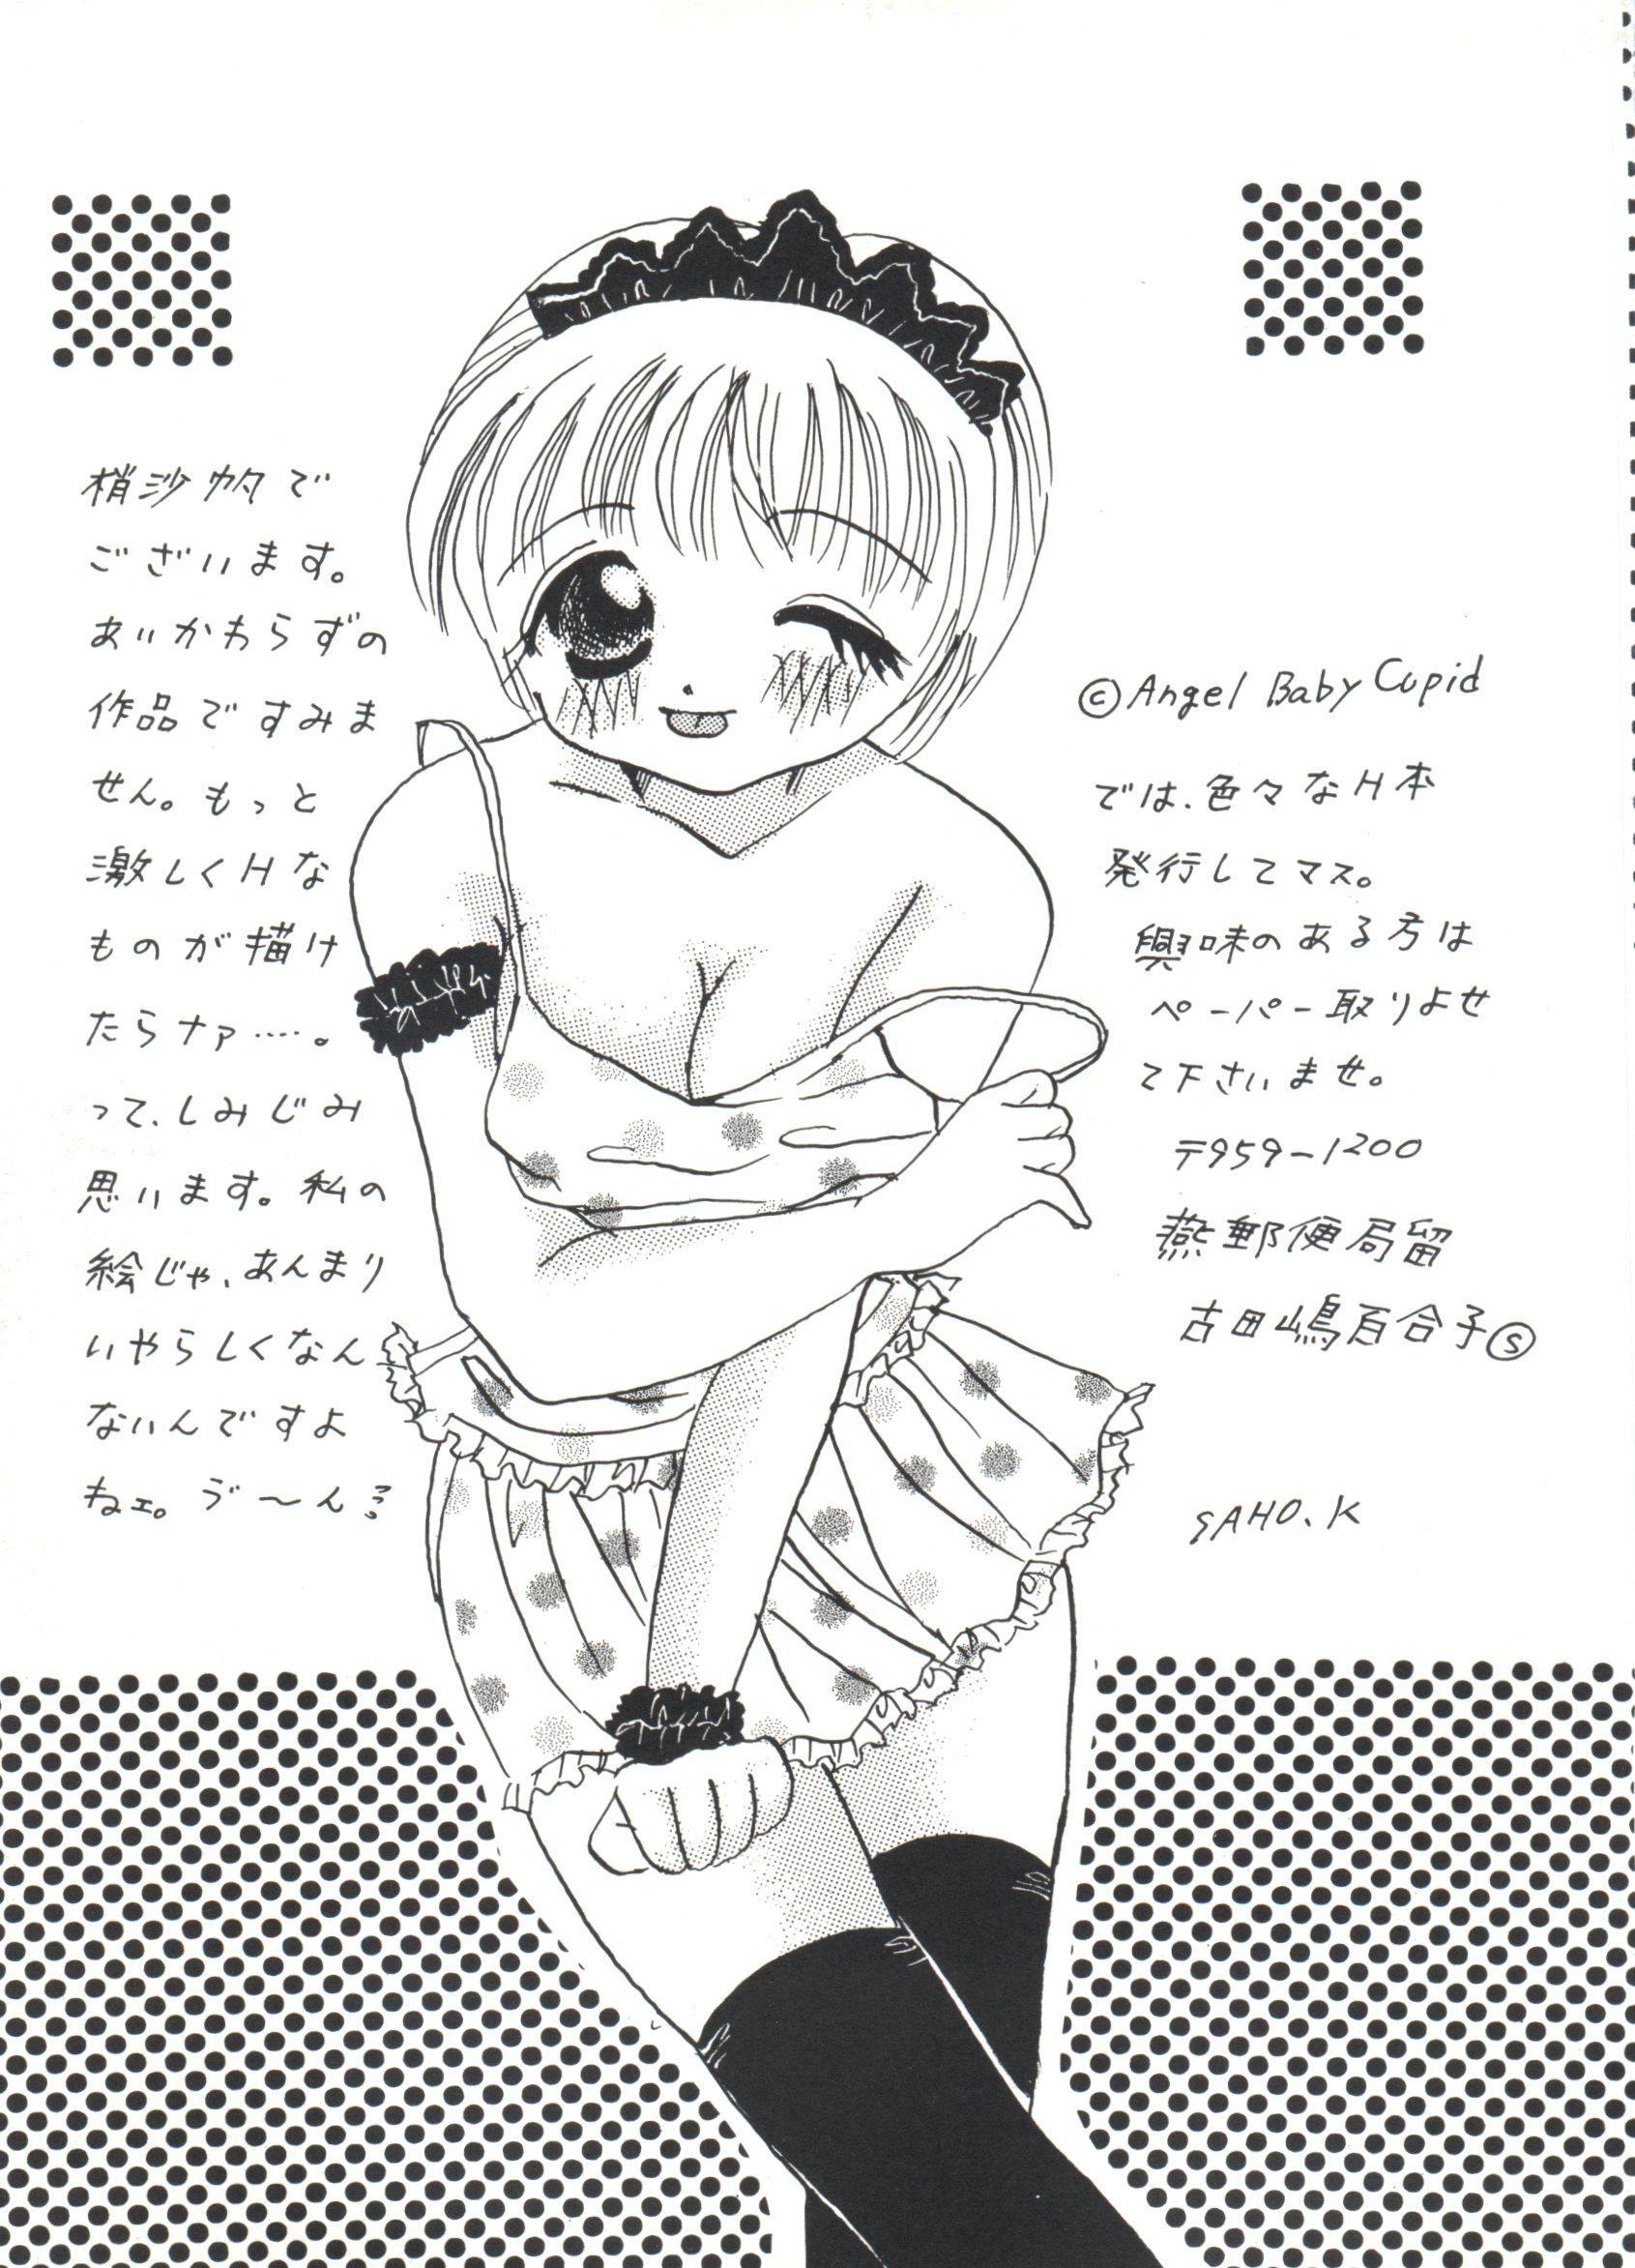 Bishoujo Doujinshi Anthology Cute 5 107